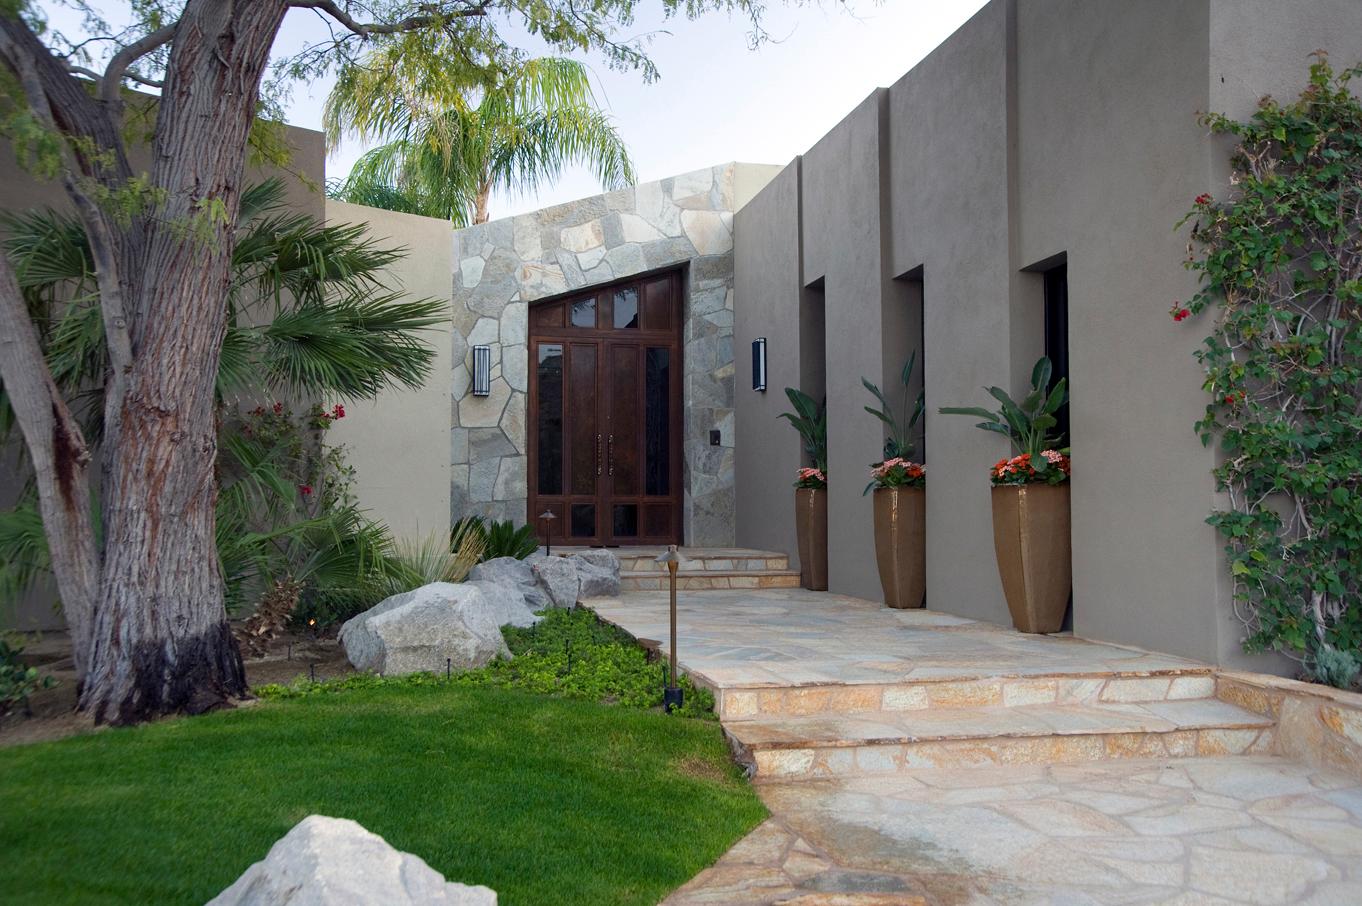 Pineapple house interior design 190 ottley drive ne for Home designers atlanta